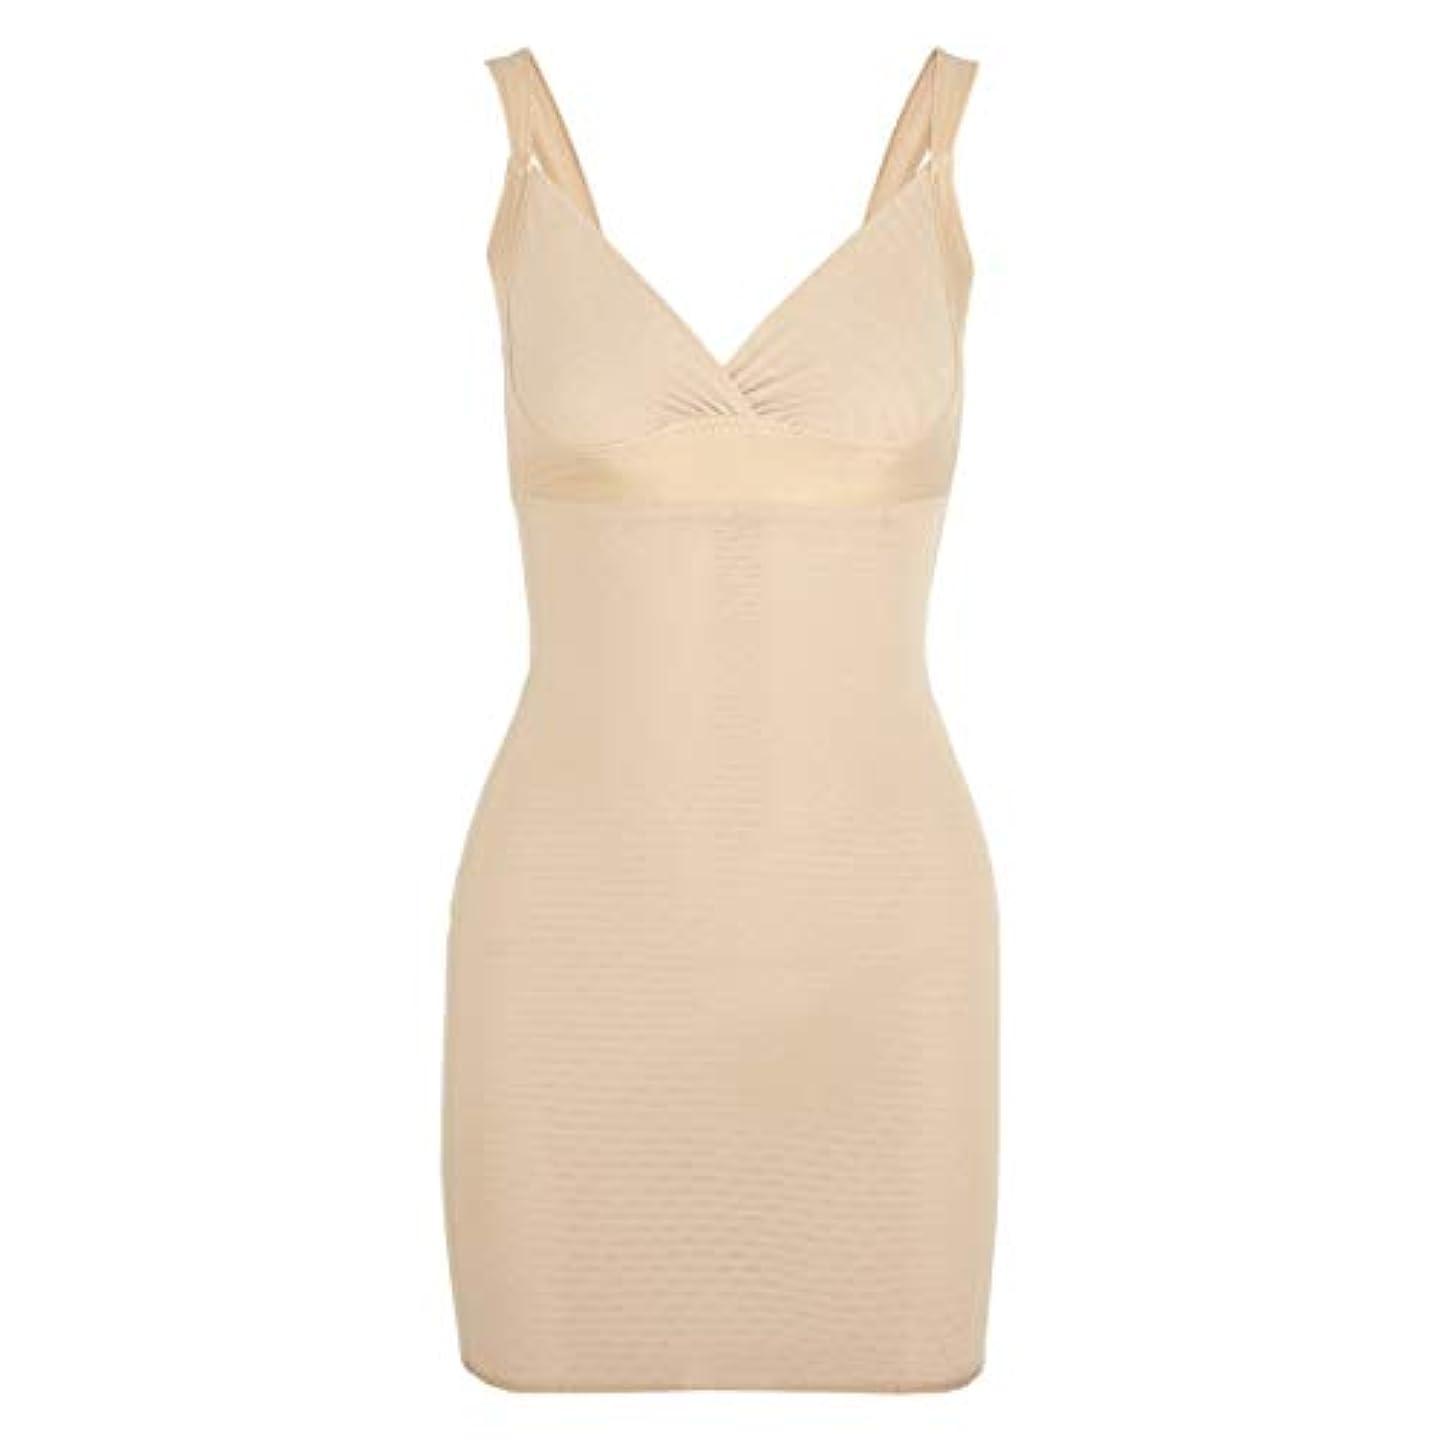 既婚浮浪者スライム女性のポスト産後Post身下着シェイパードレスを回復ボディスーツシェイプウェアウエストコルセットガードル-アプリコット-XL